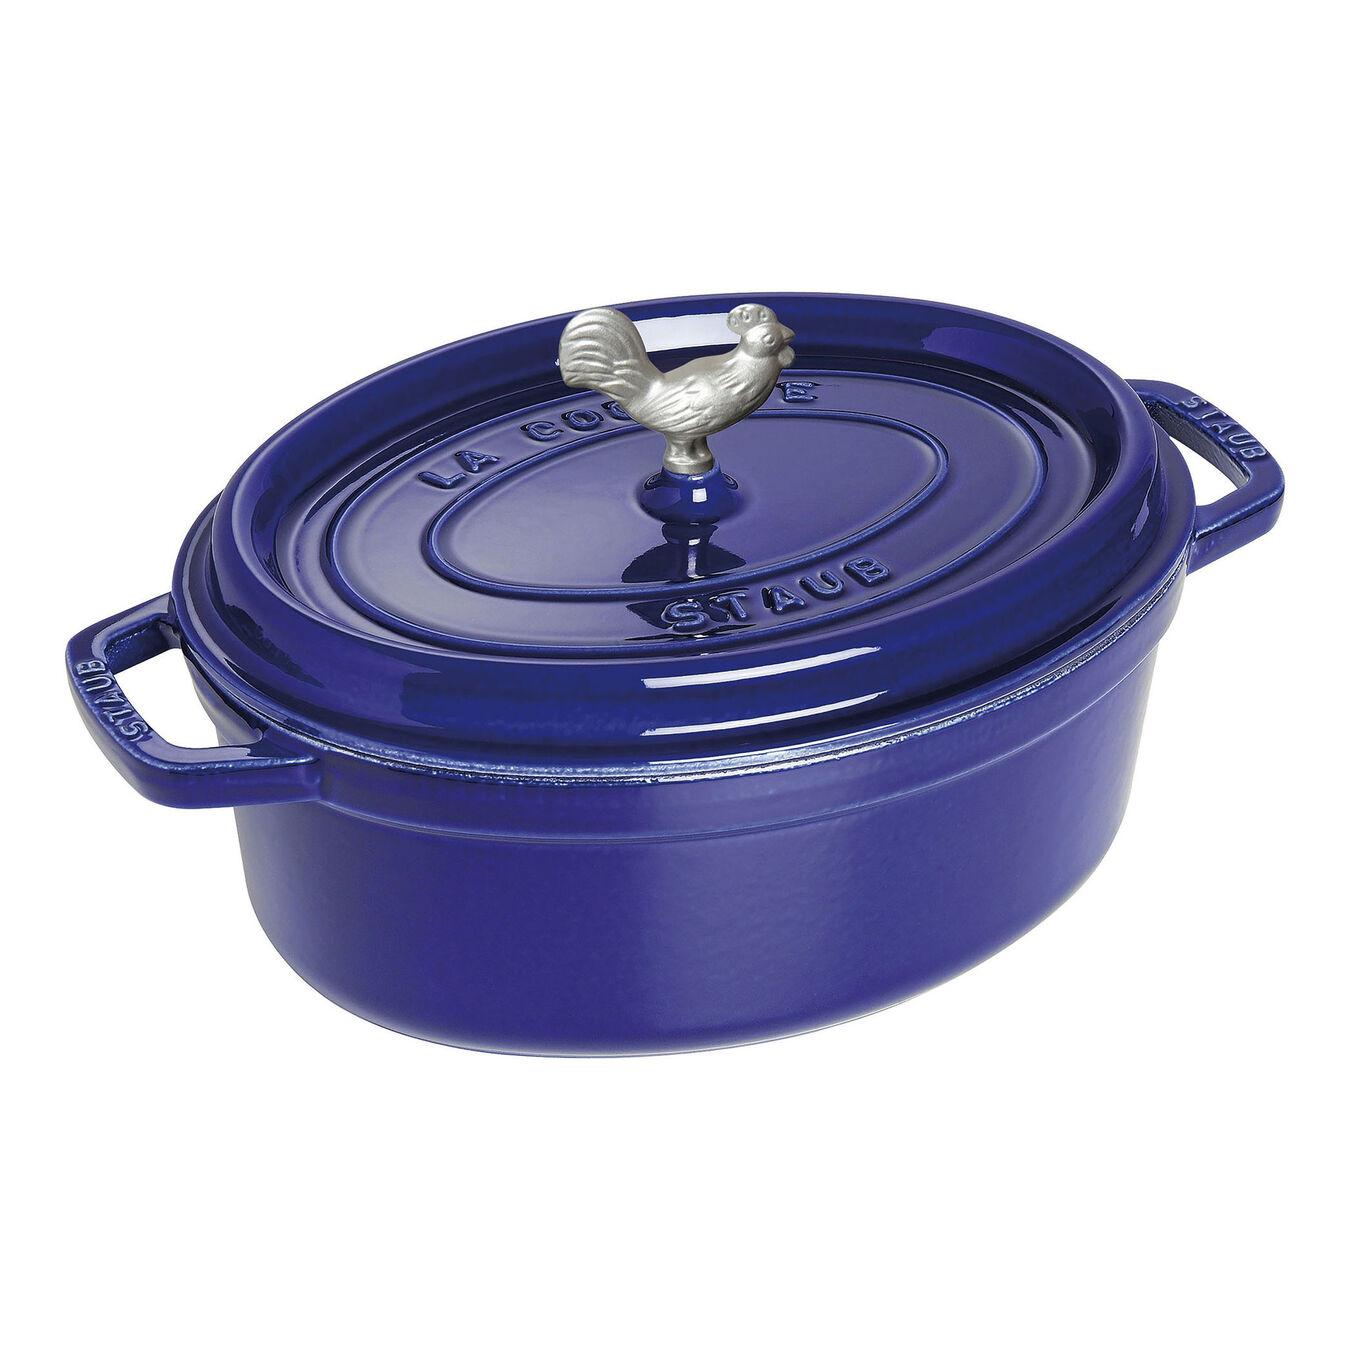 5.75-qt Coq au Vin Cocotte - Dark Blue,,large 1